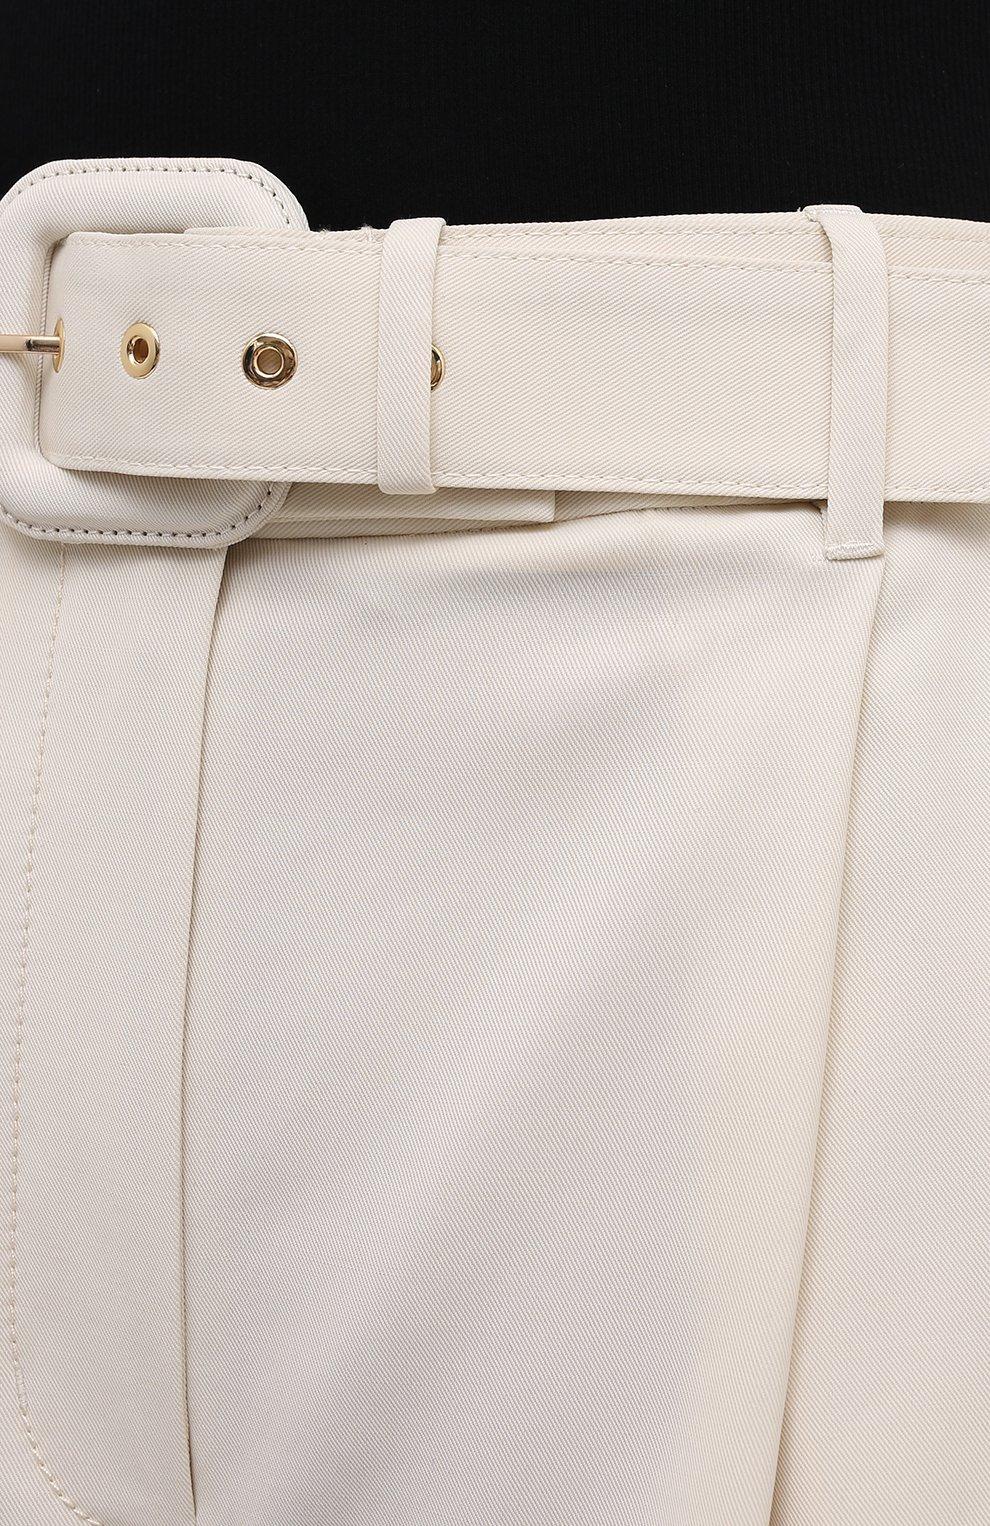 Женские шорты из шерсти и вискозы ZIMMERMANN светло-бежевого цвета, арт. 1039AB0T | Фото 5 (Женское Кросс-КТ: Шорты-одежда; Материал внешний: Шерсть, Вискоза; Кросс-КТ: Широкие; Длина Ж (юбки, платья, шорты): До колена; Стили: Кэжуэл)